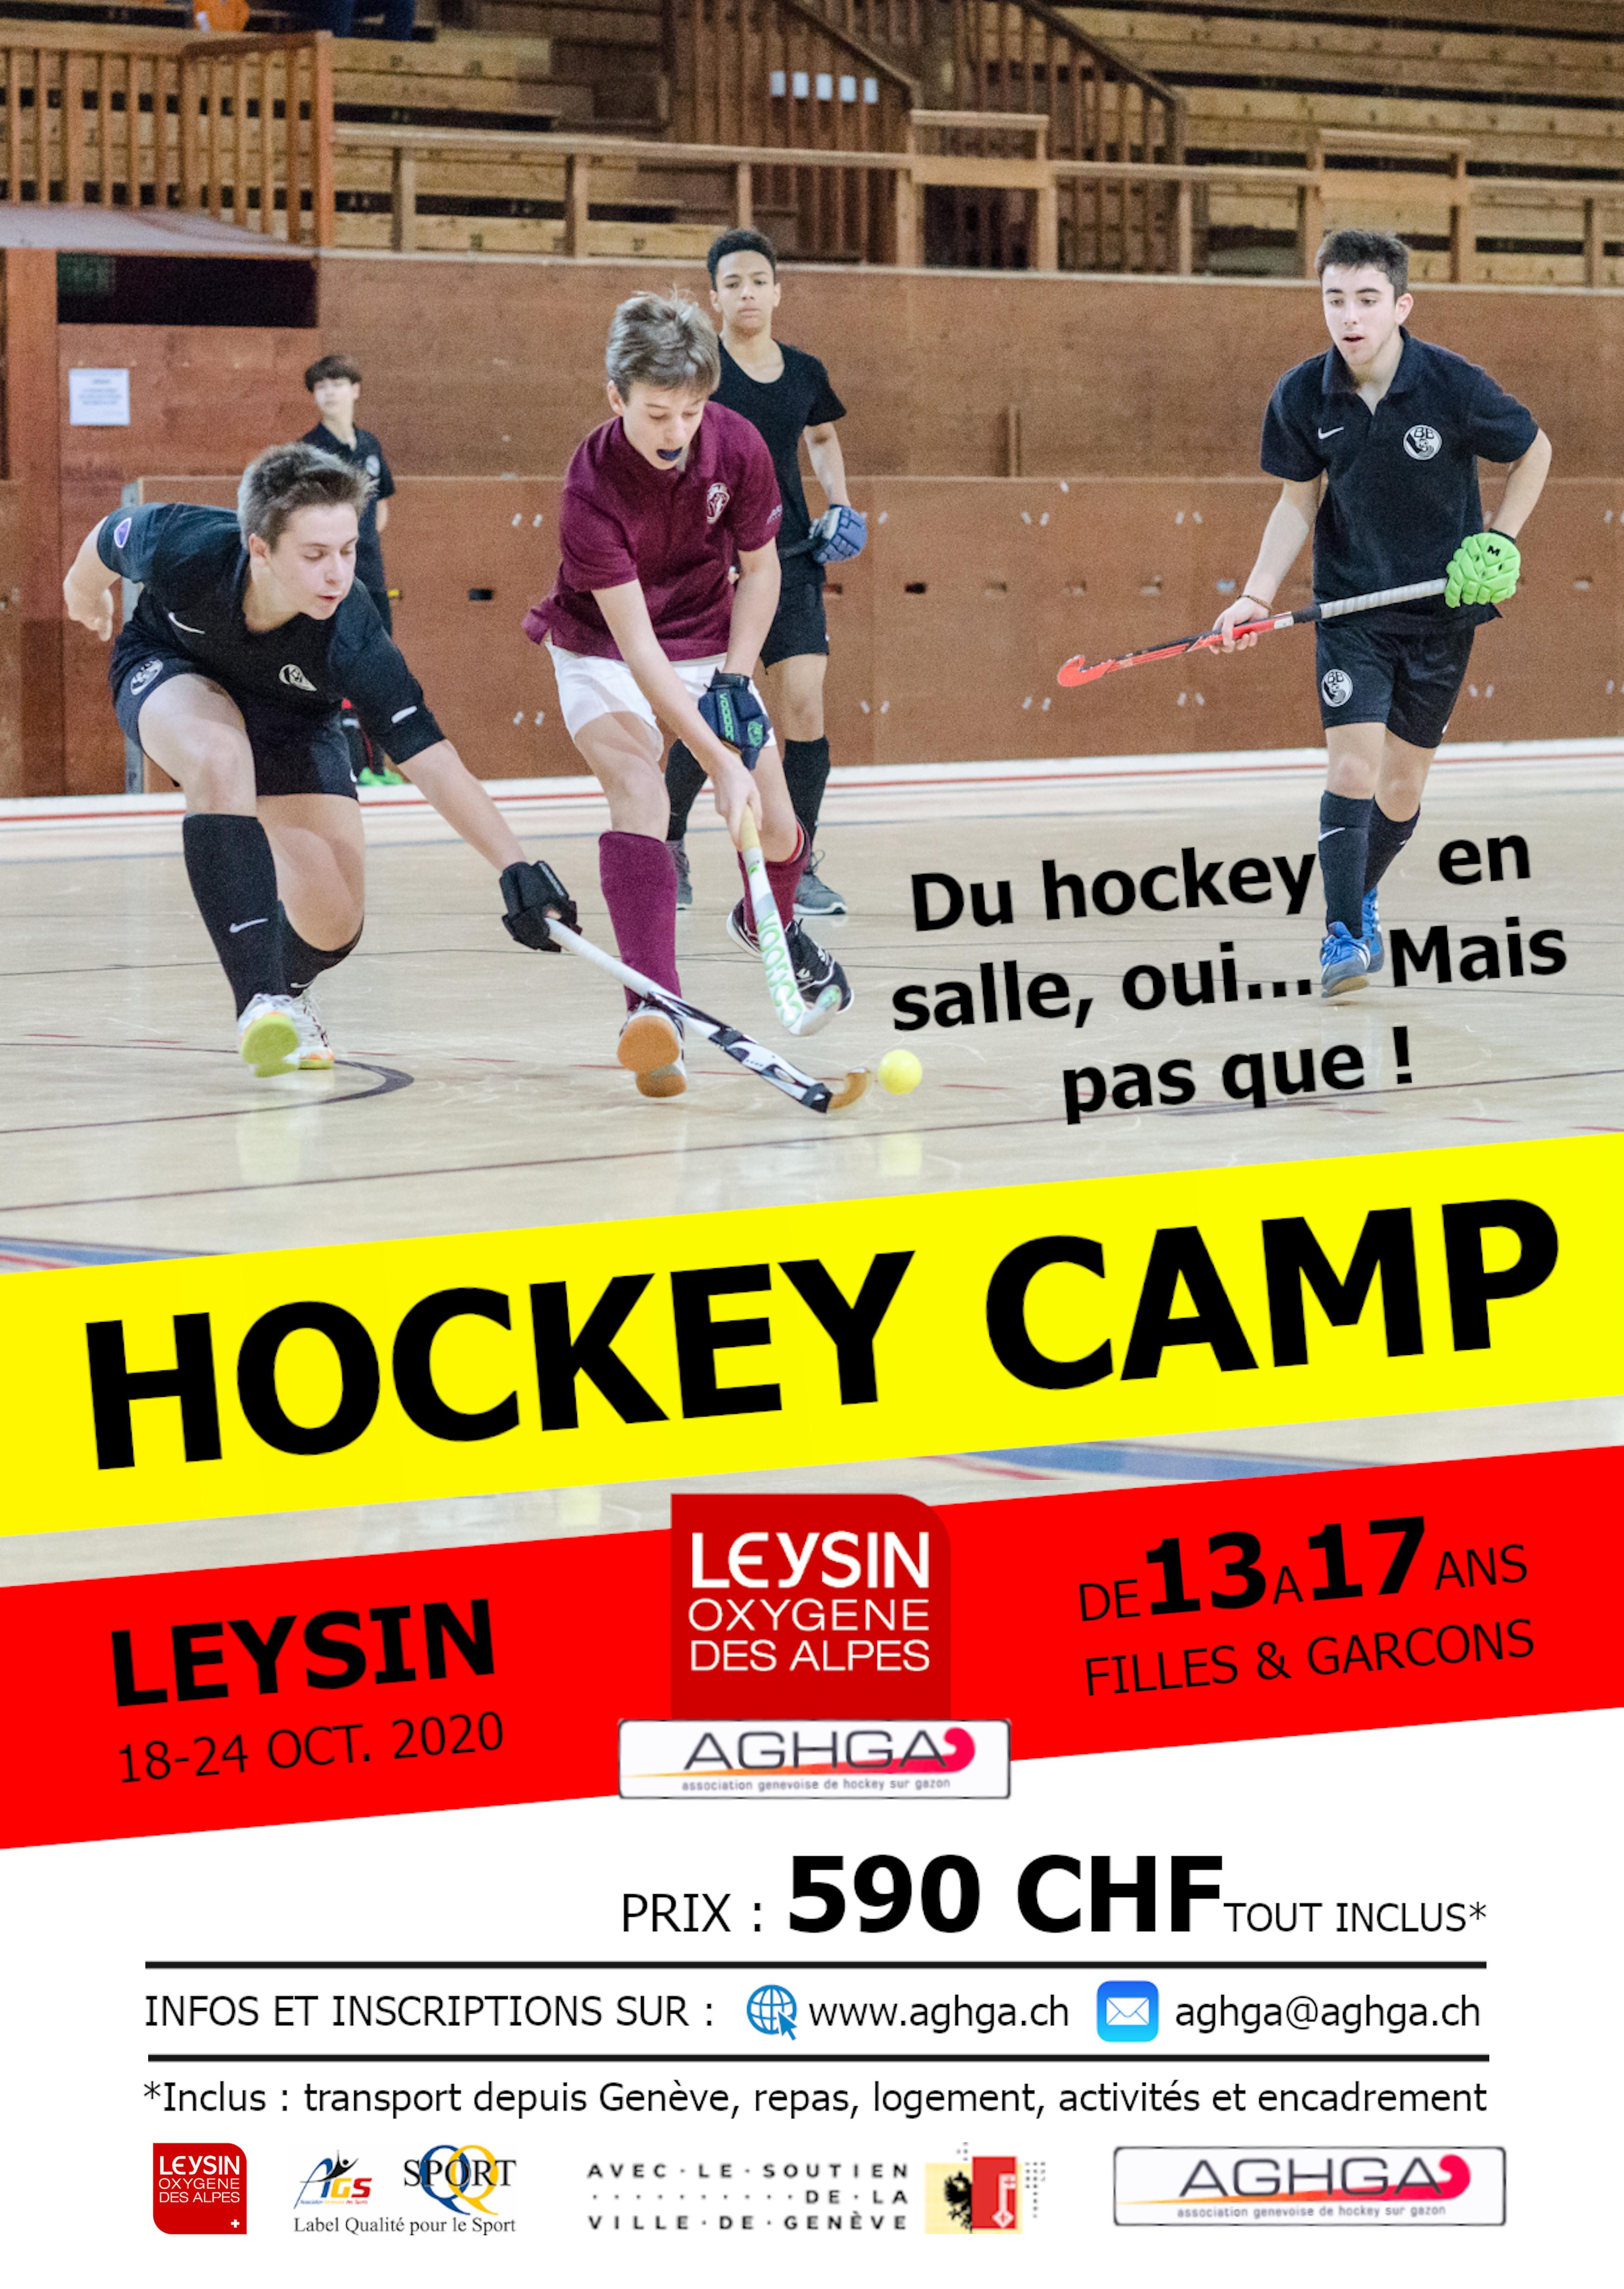 camp Leysin